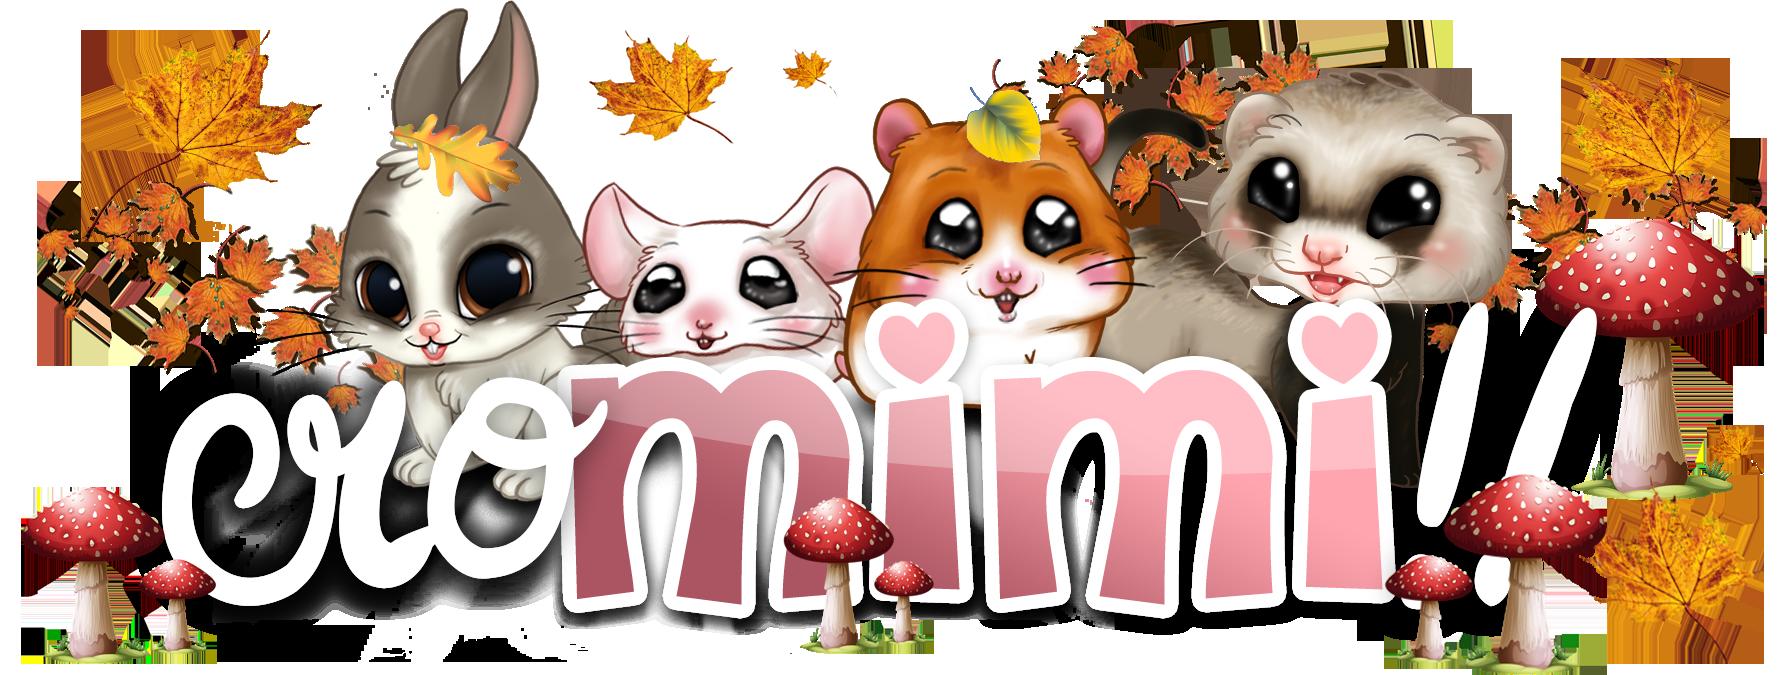 Cromimi - Erstes freies virtuelles Haustier Spiel online